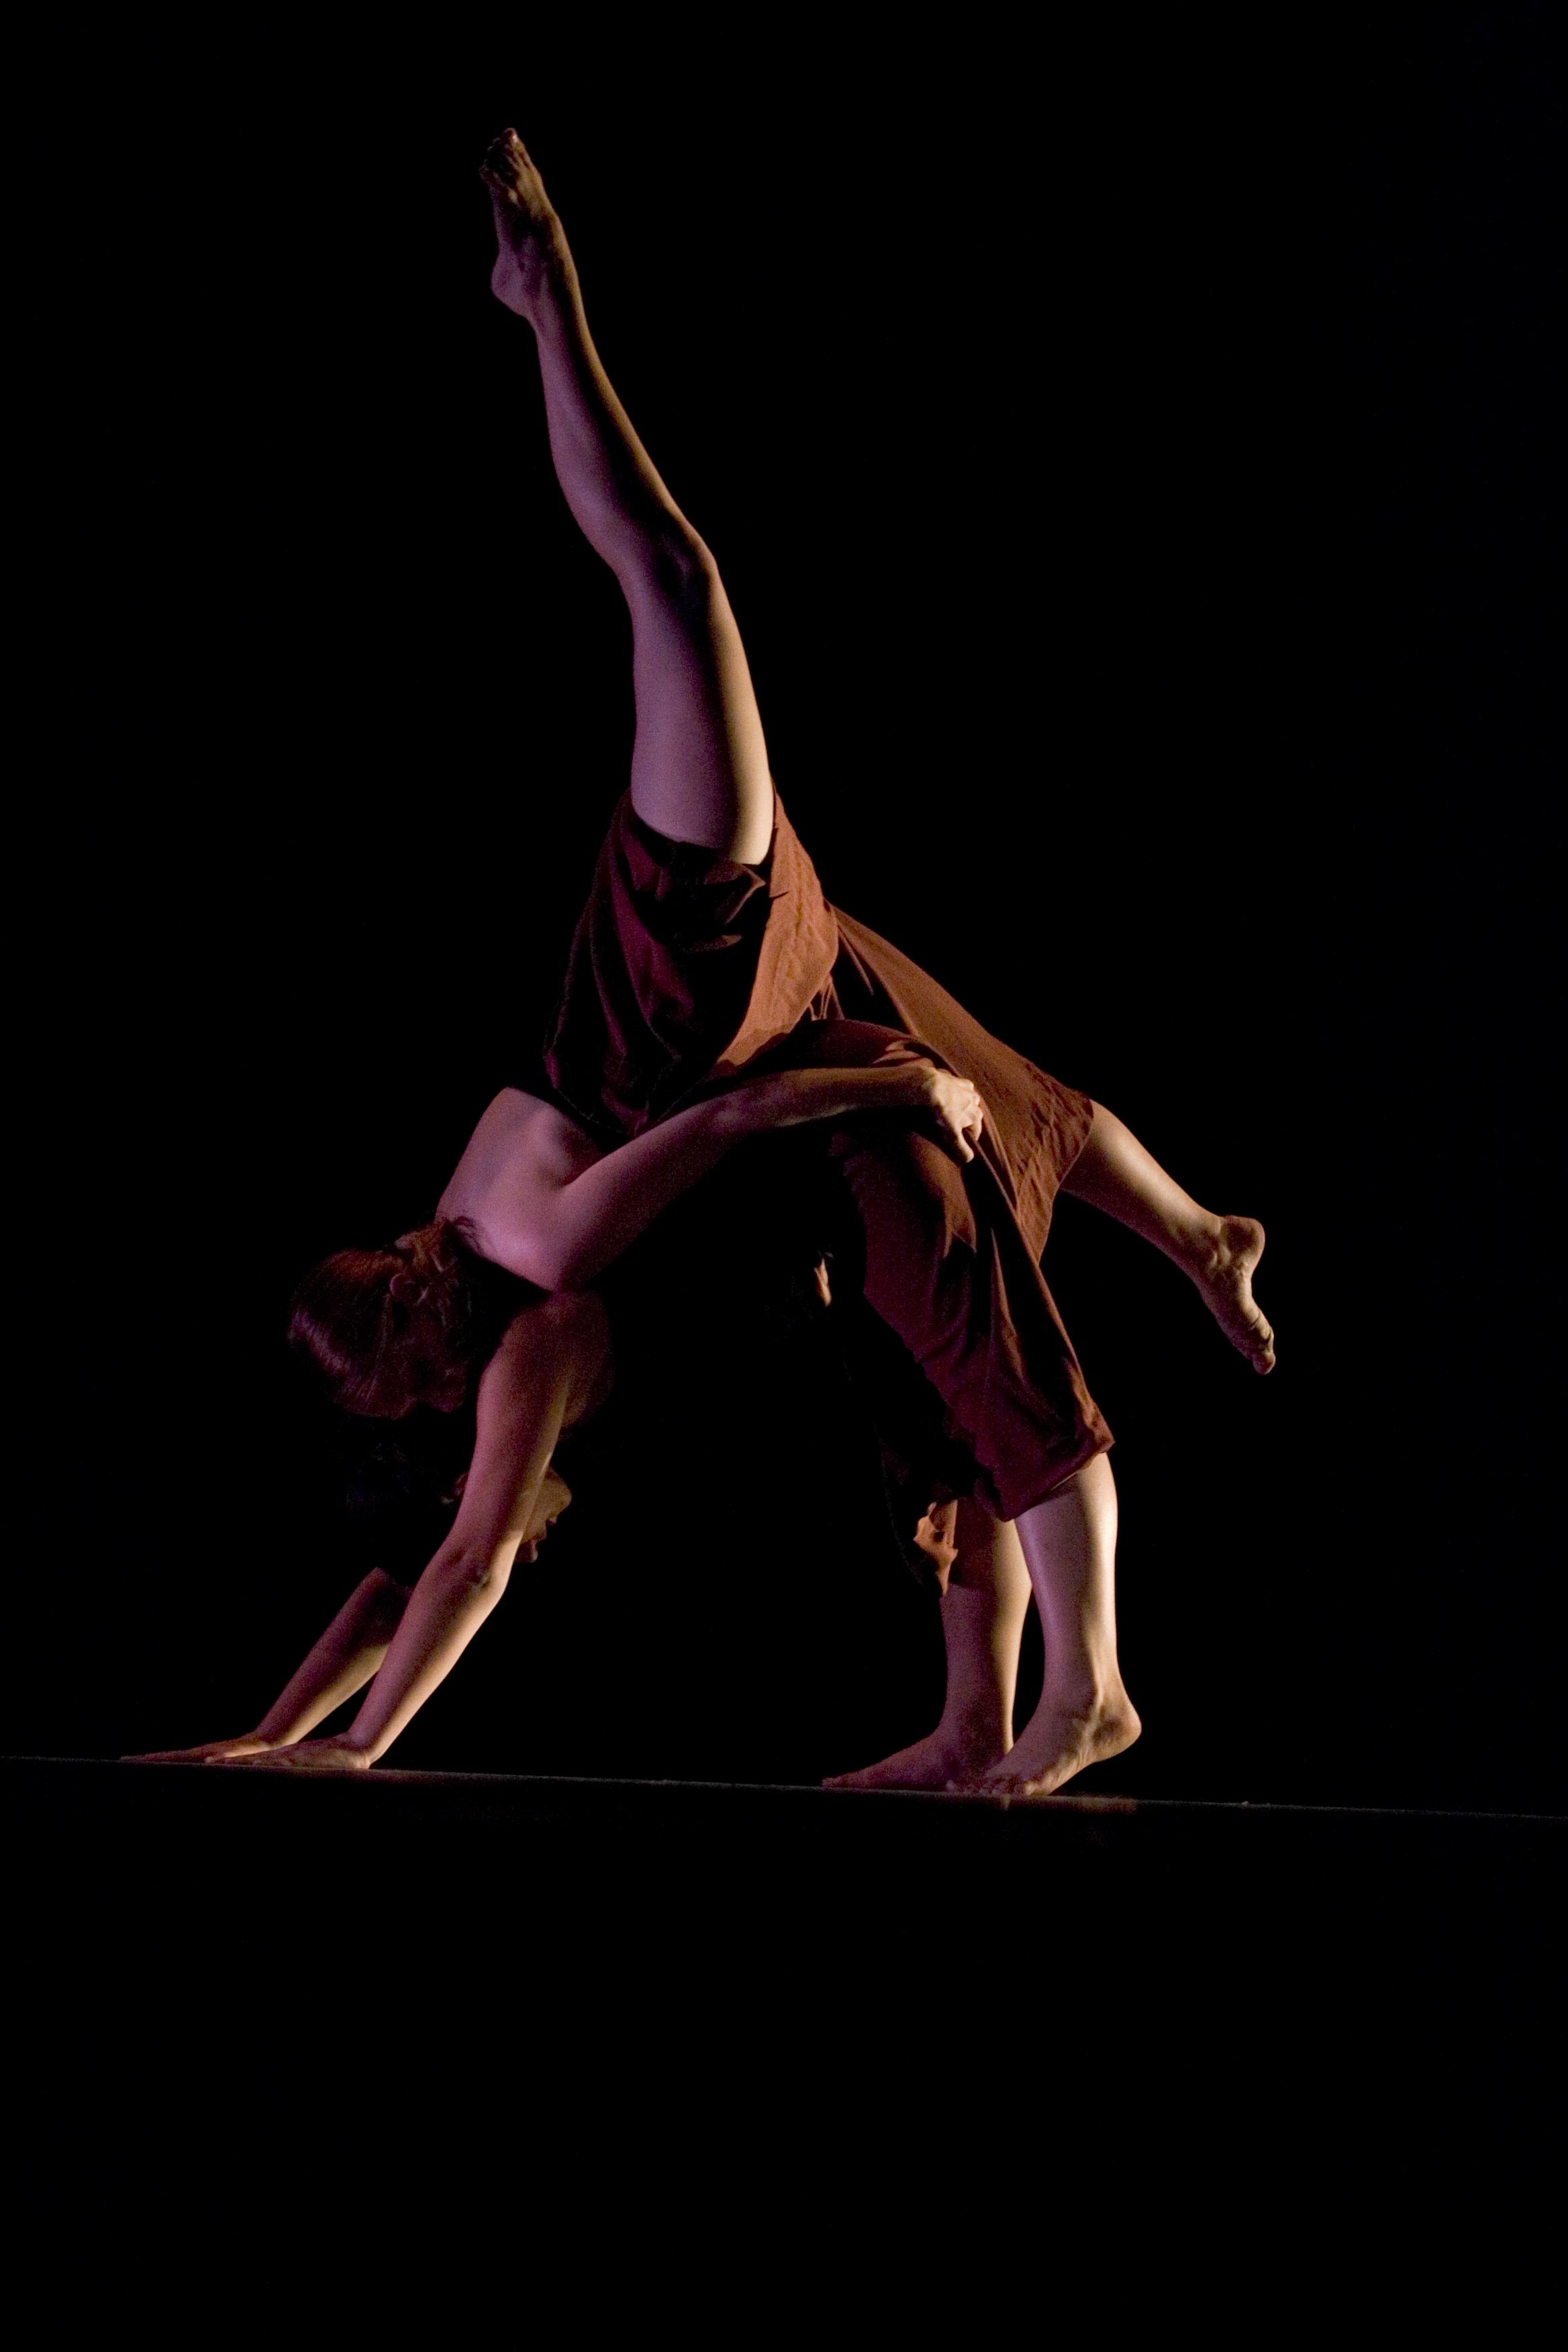 Dance5289